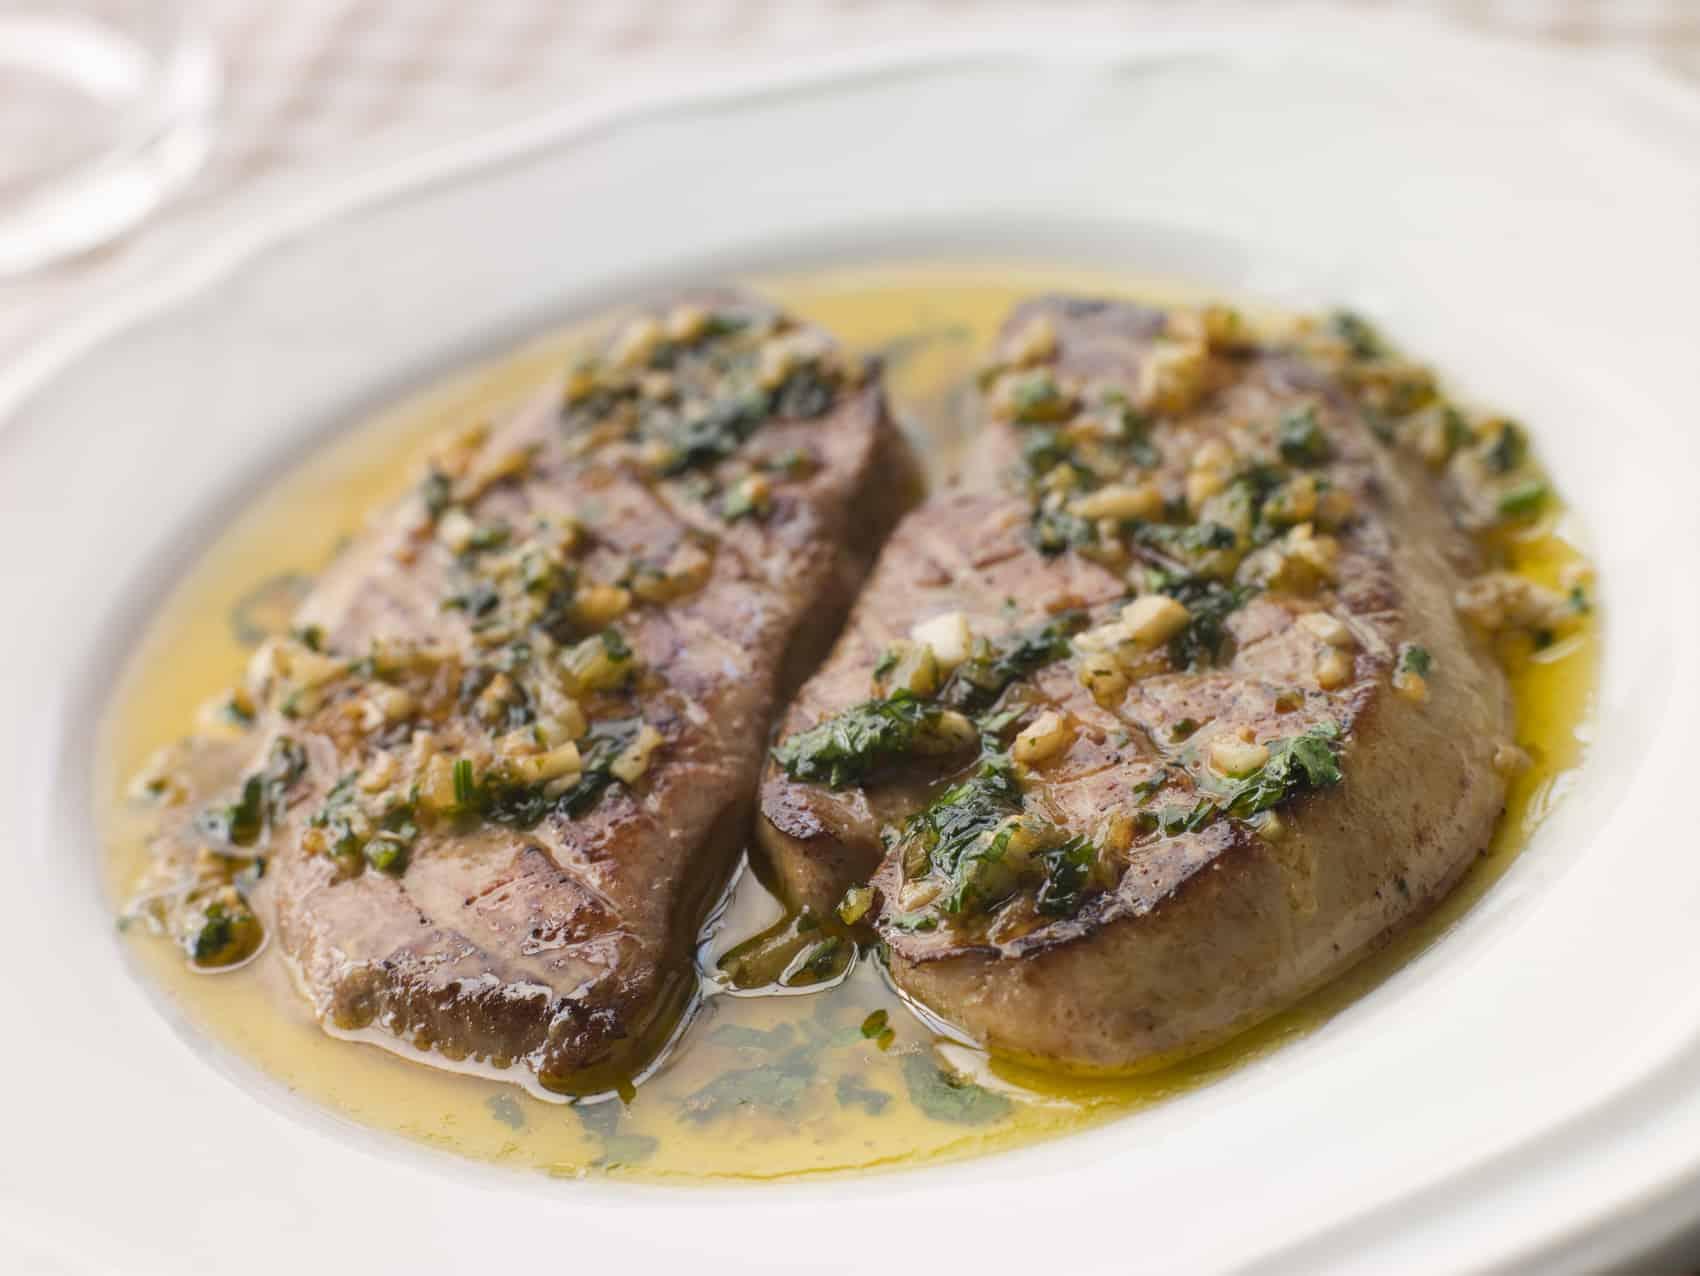 Foie Gras i hvidløgssmør. Klassiker i det franske køkken